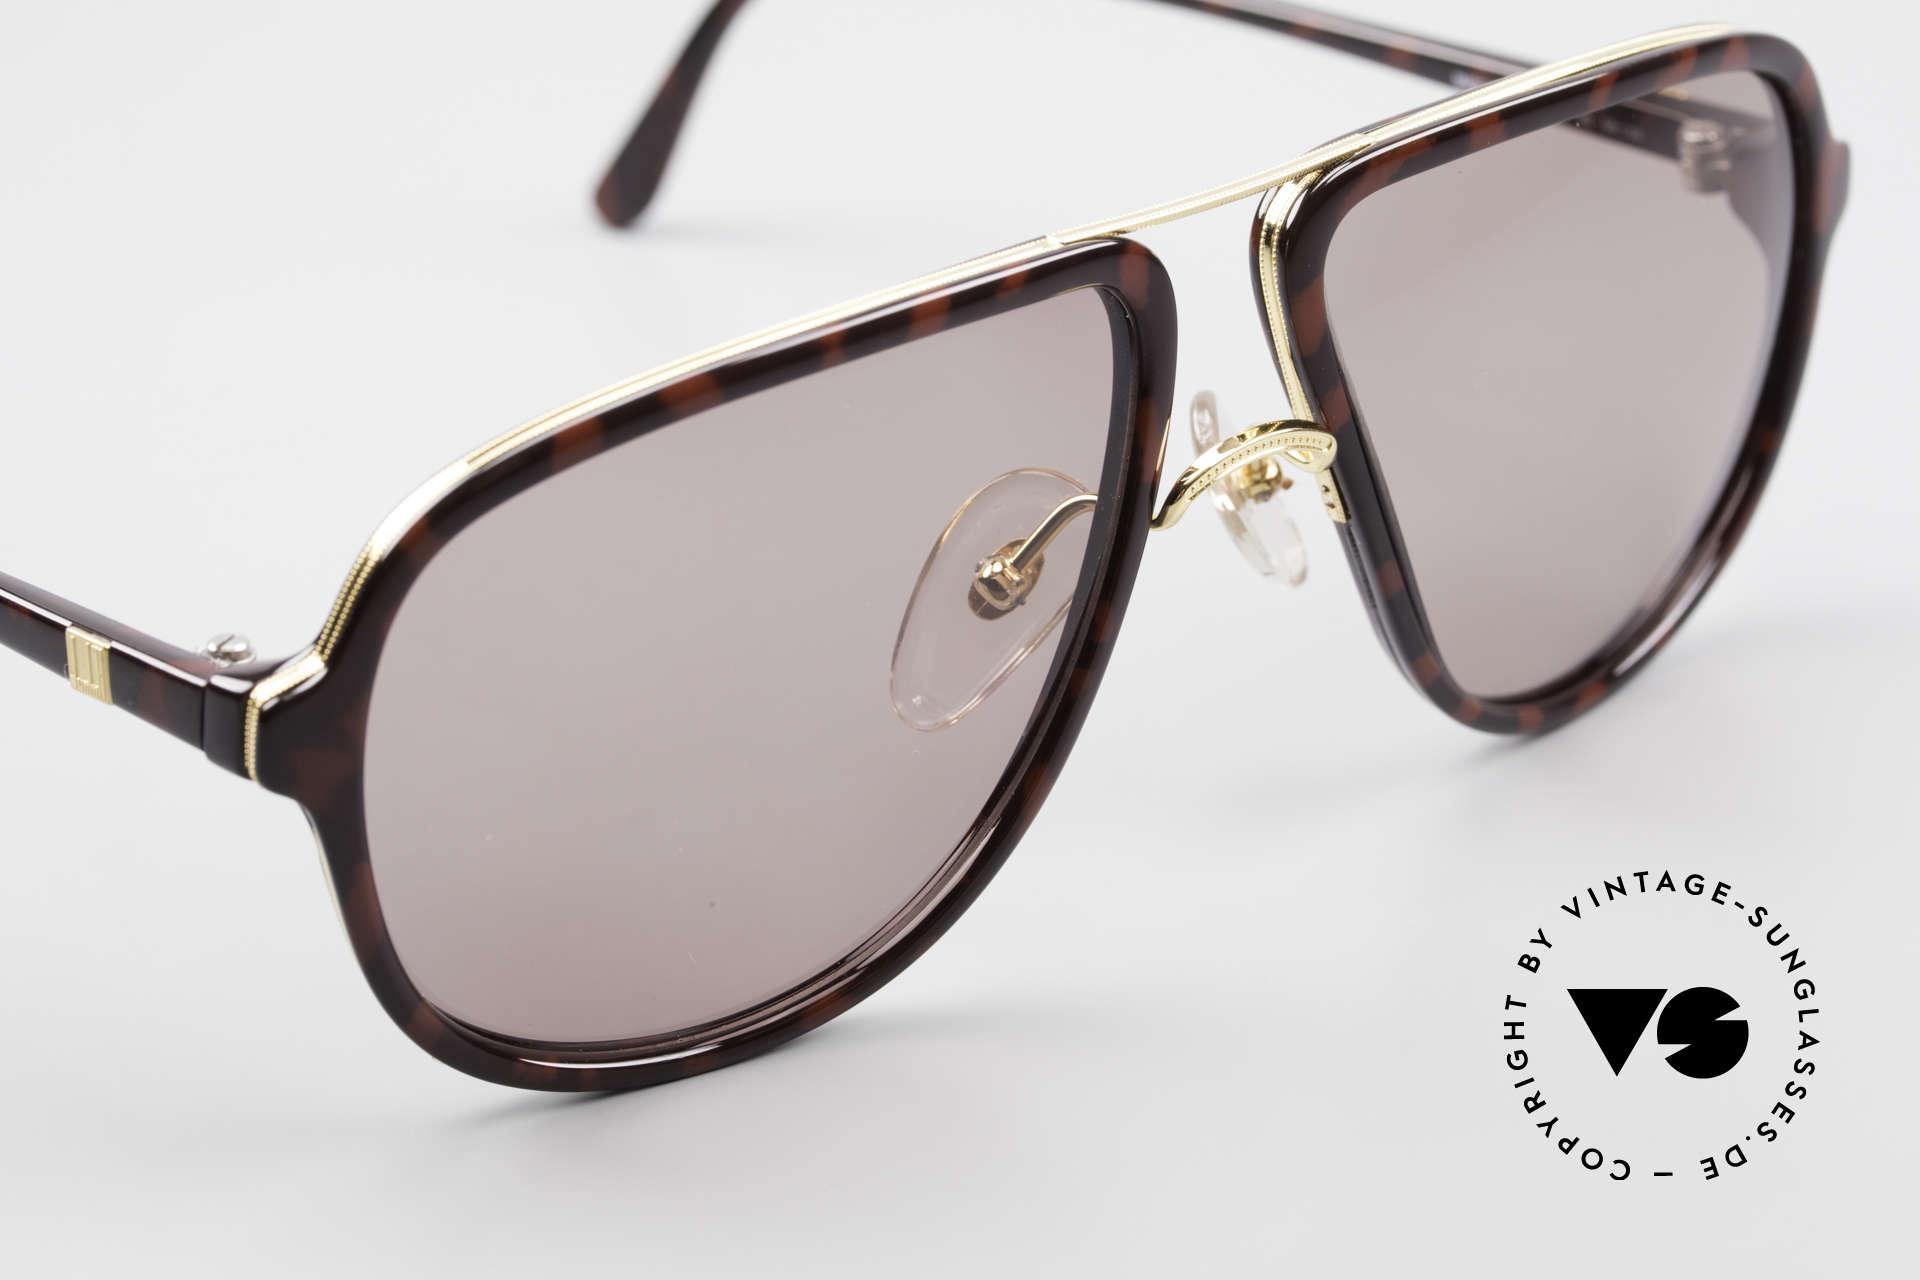 Dunhill 6058 Alte 80er Herren Sonnenbrille, ungetragen (wie alle unsere alten Dunhill ORIGINALS), Passend für Herren